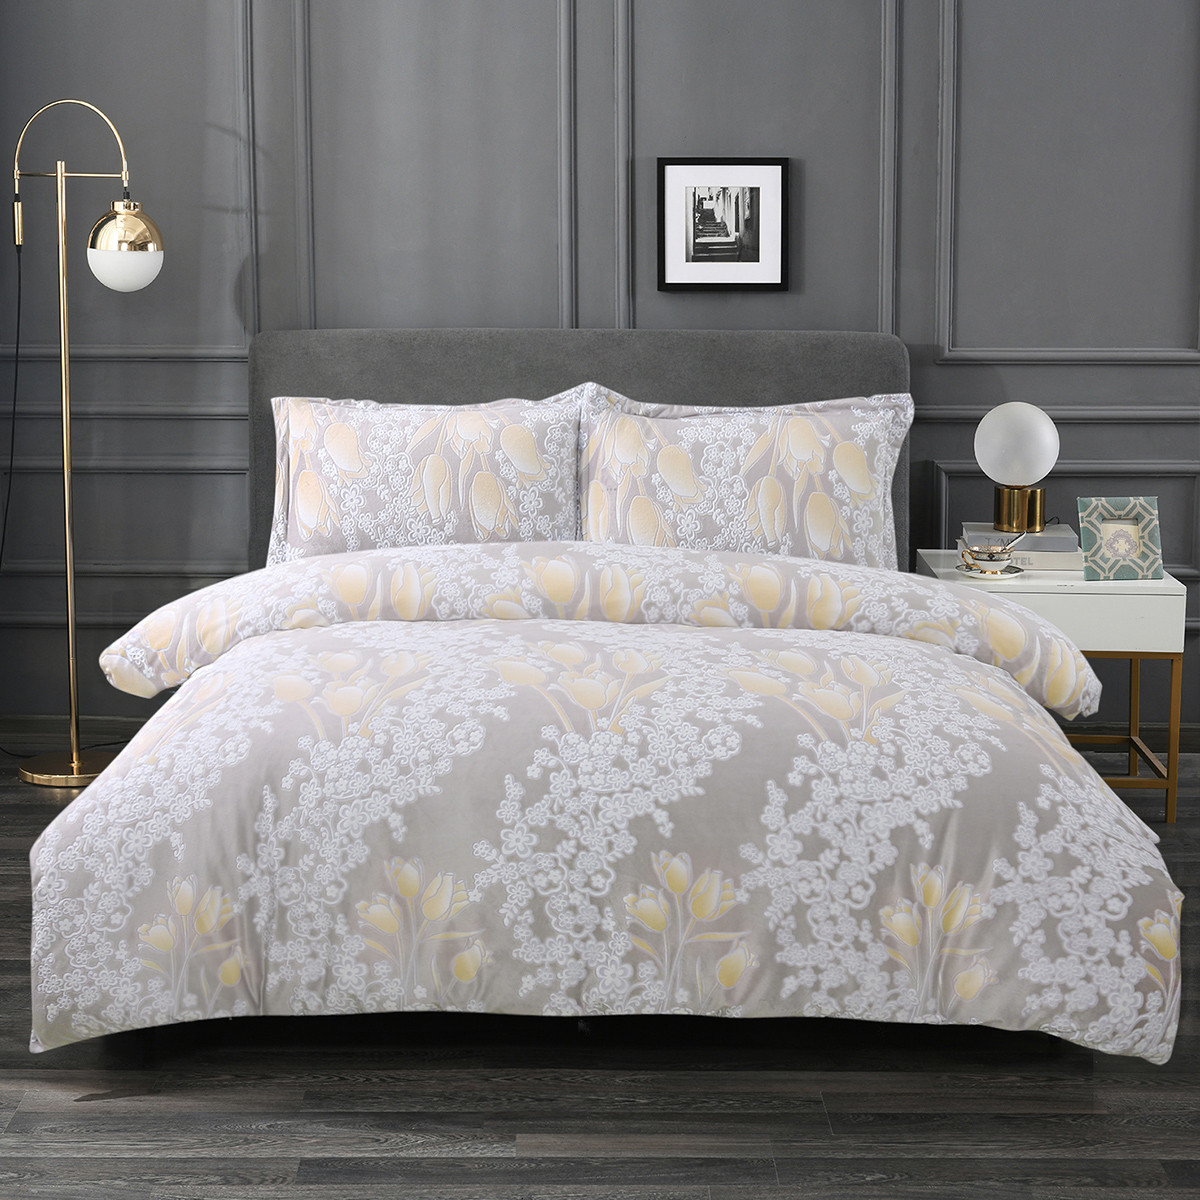 Ramada【年底清仓】冬季加厚雕花绒AB面印花床上四件套床上套件四件套COLOR米白色